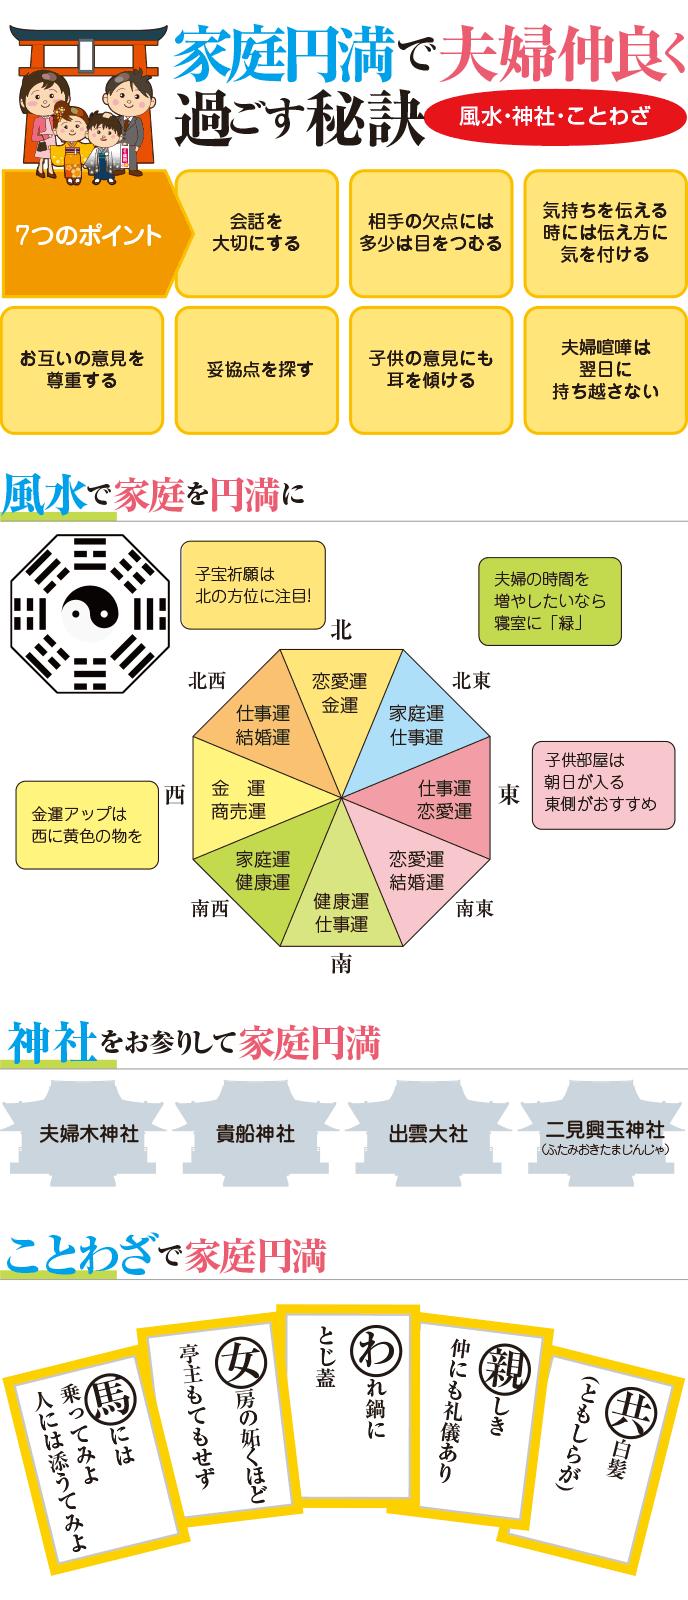 図解:家庭円満で夫婦仲良く過ごす秘訣(風水・神社・ことわざ)